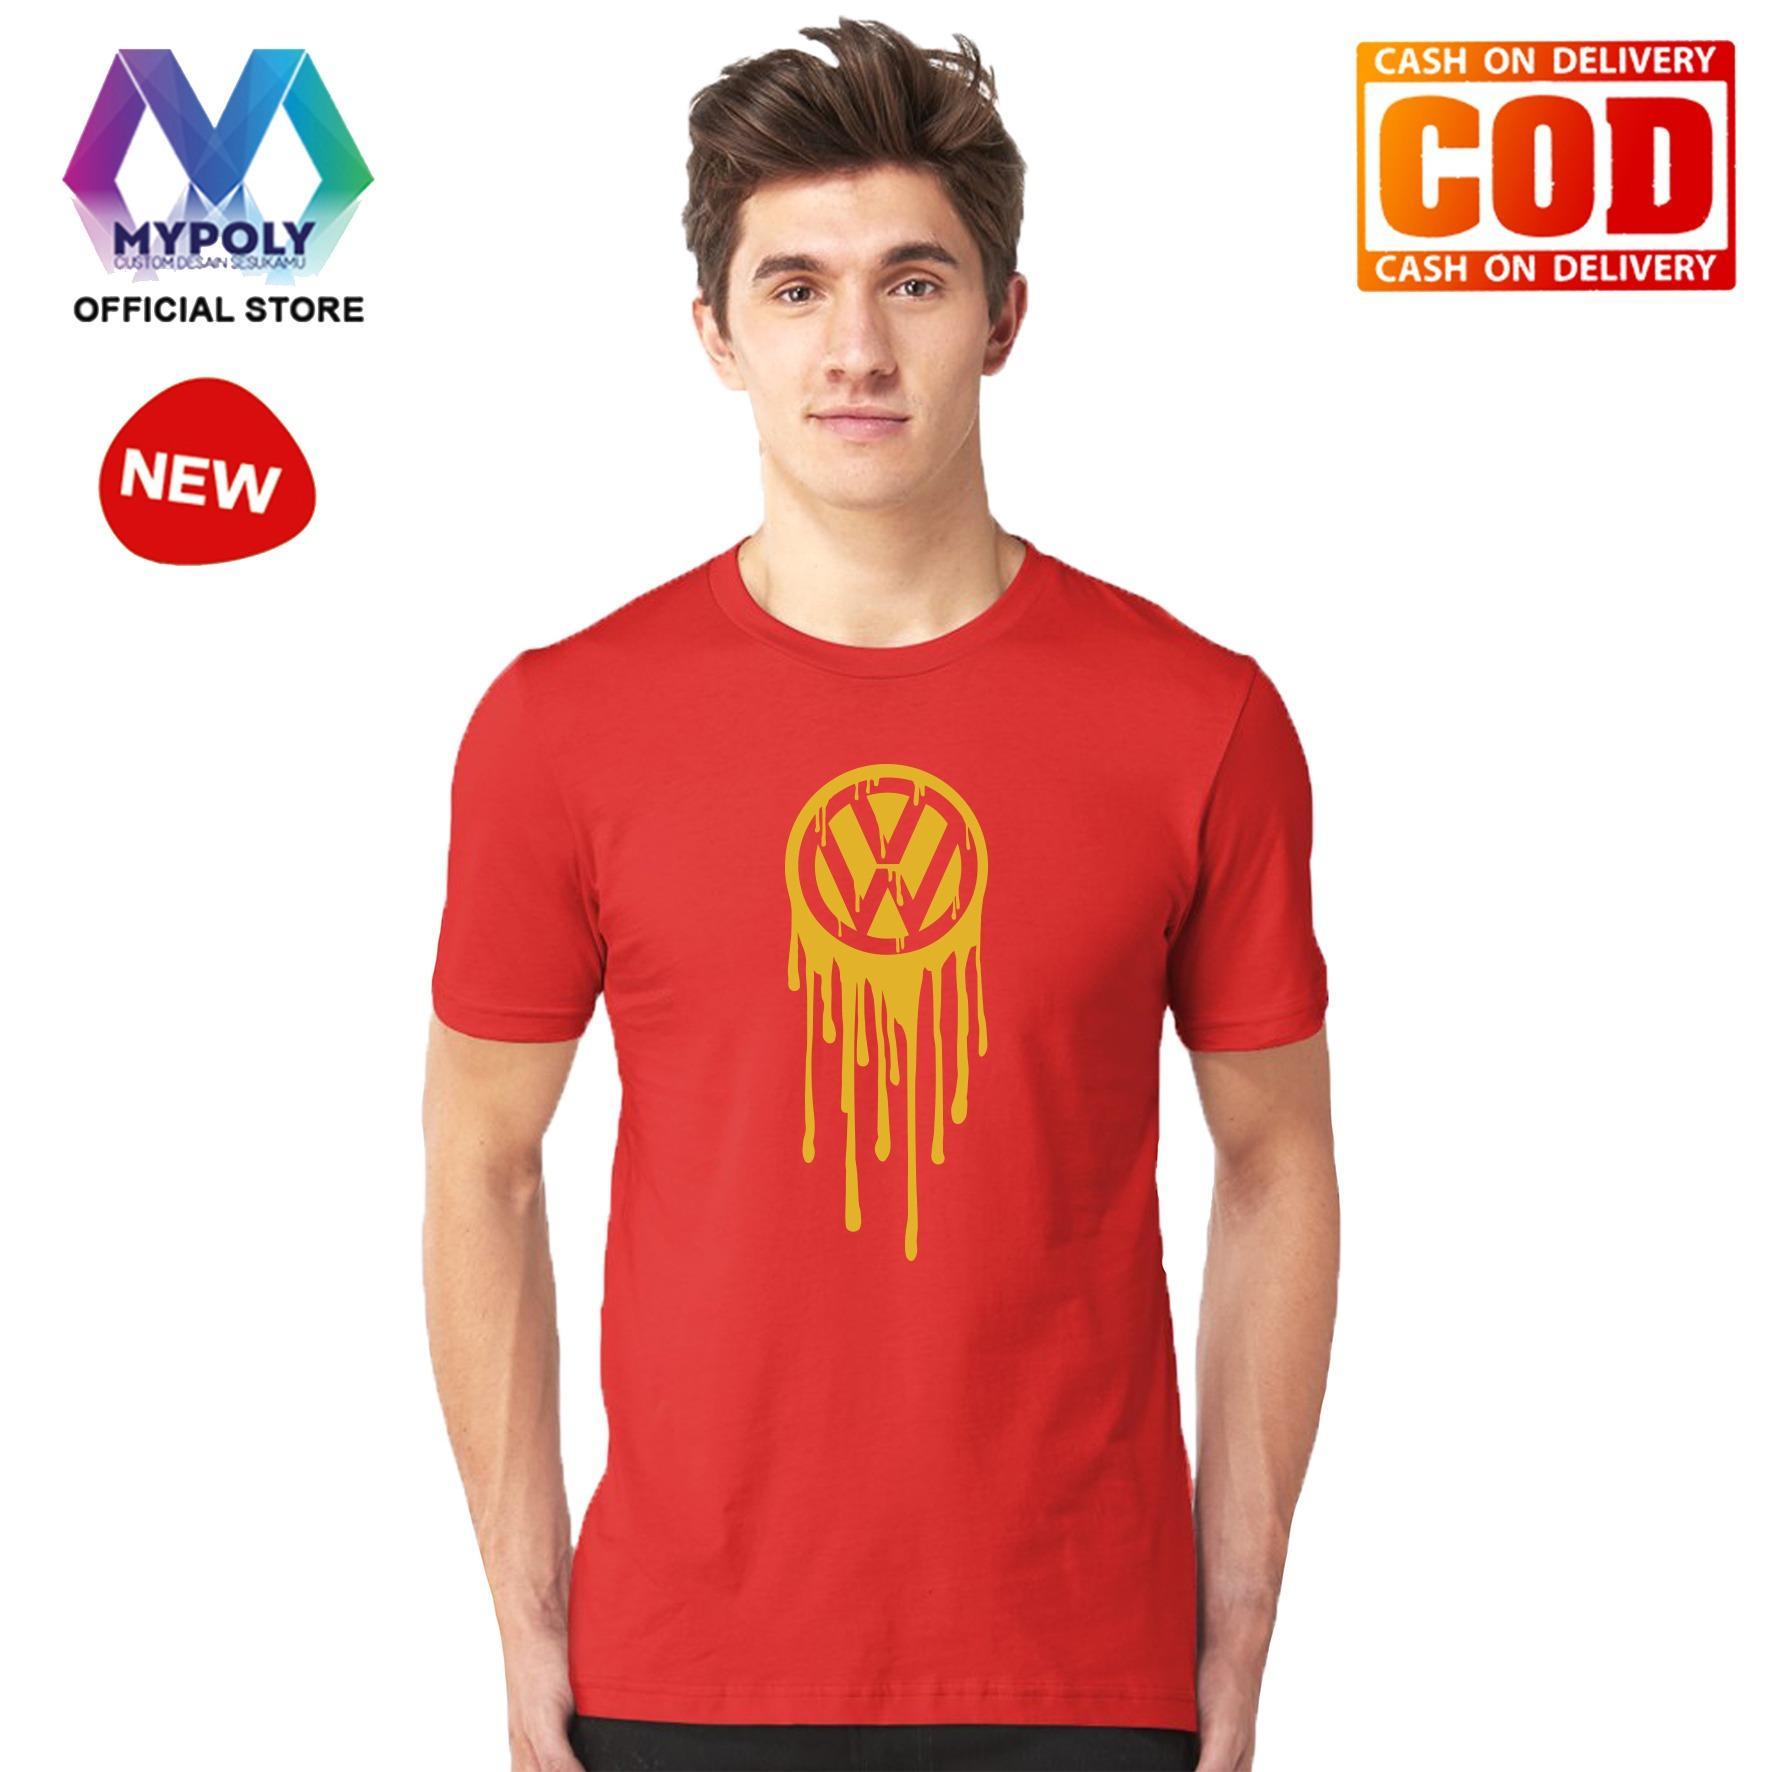 Kaos Premium Mypoly Pria Laki-Laki PL / Baju Couple Family Keluarga / Tshirt distro Anak Wanita / Fashion atasan / Kaos Pria Dewasa VW Gold